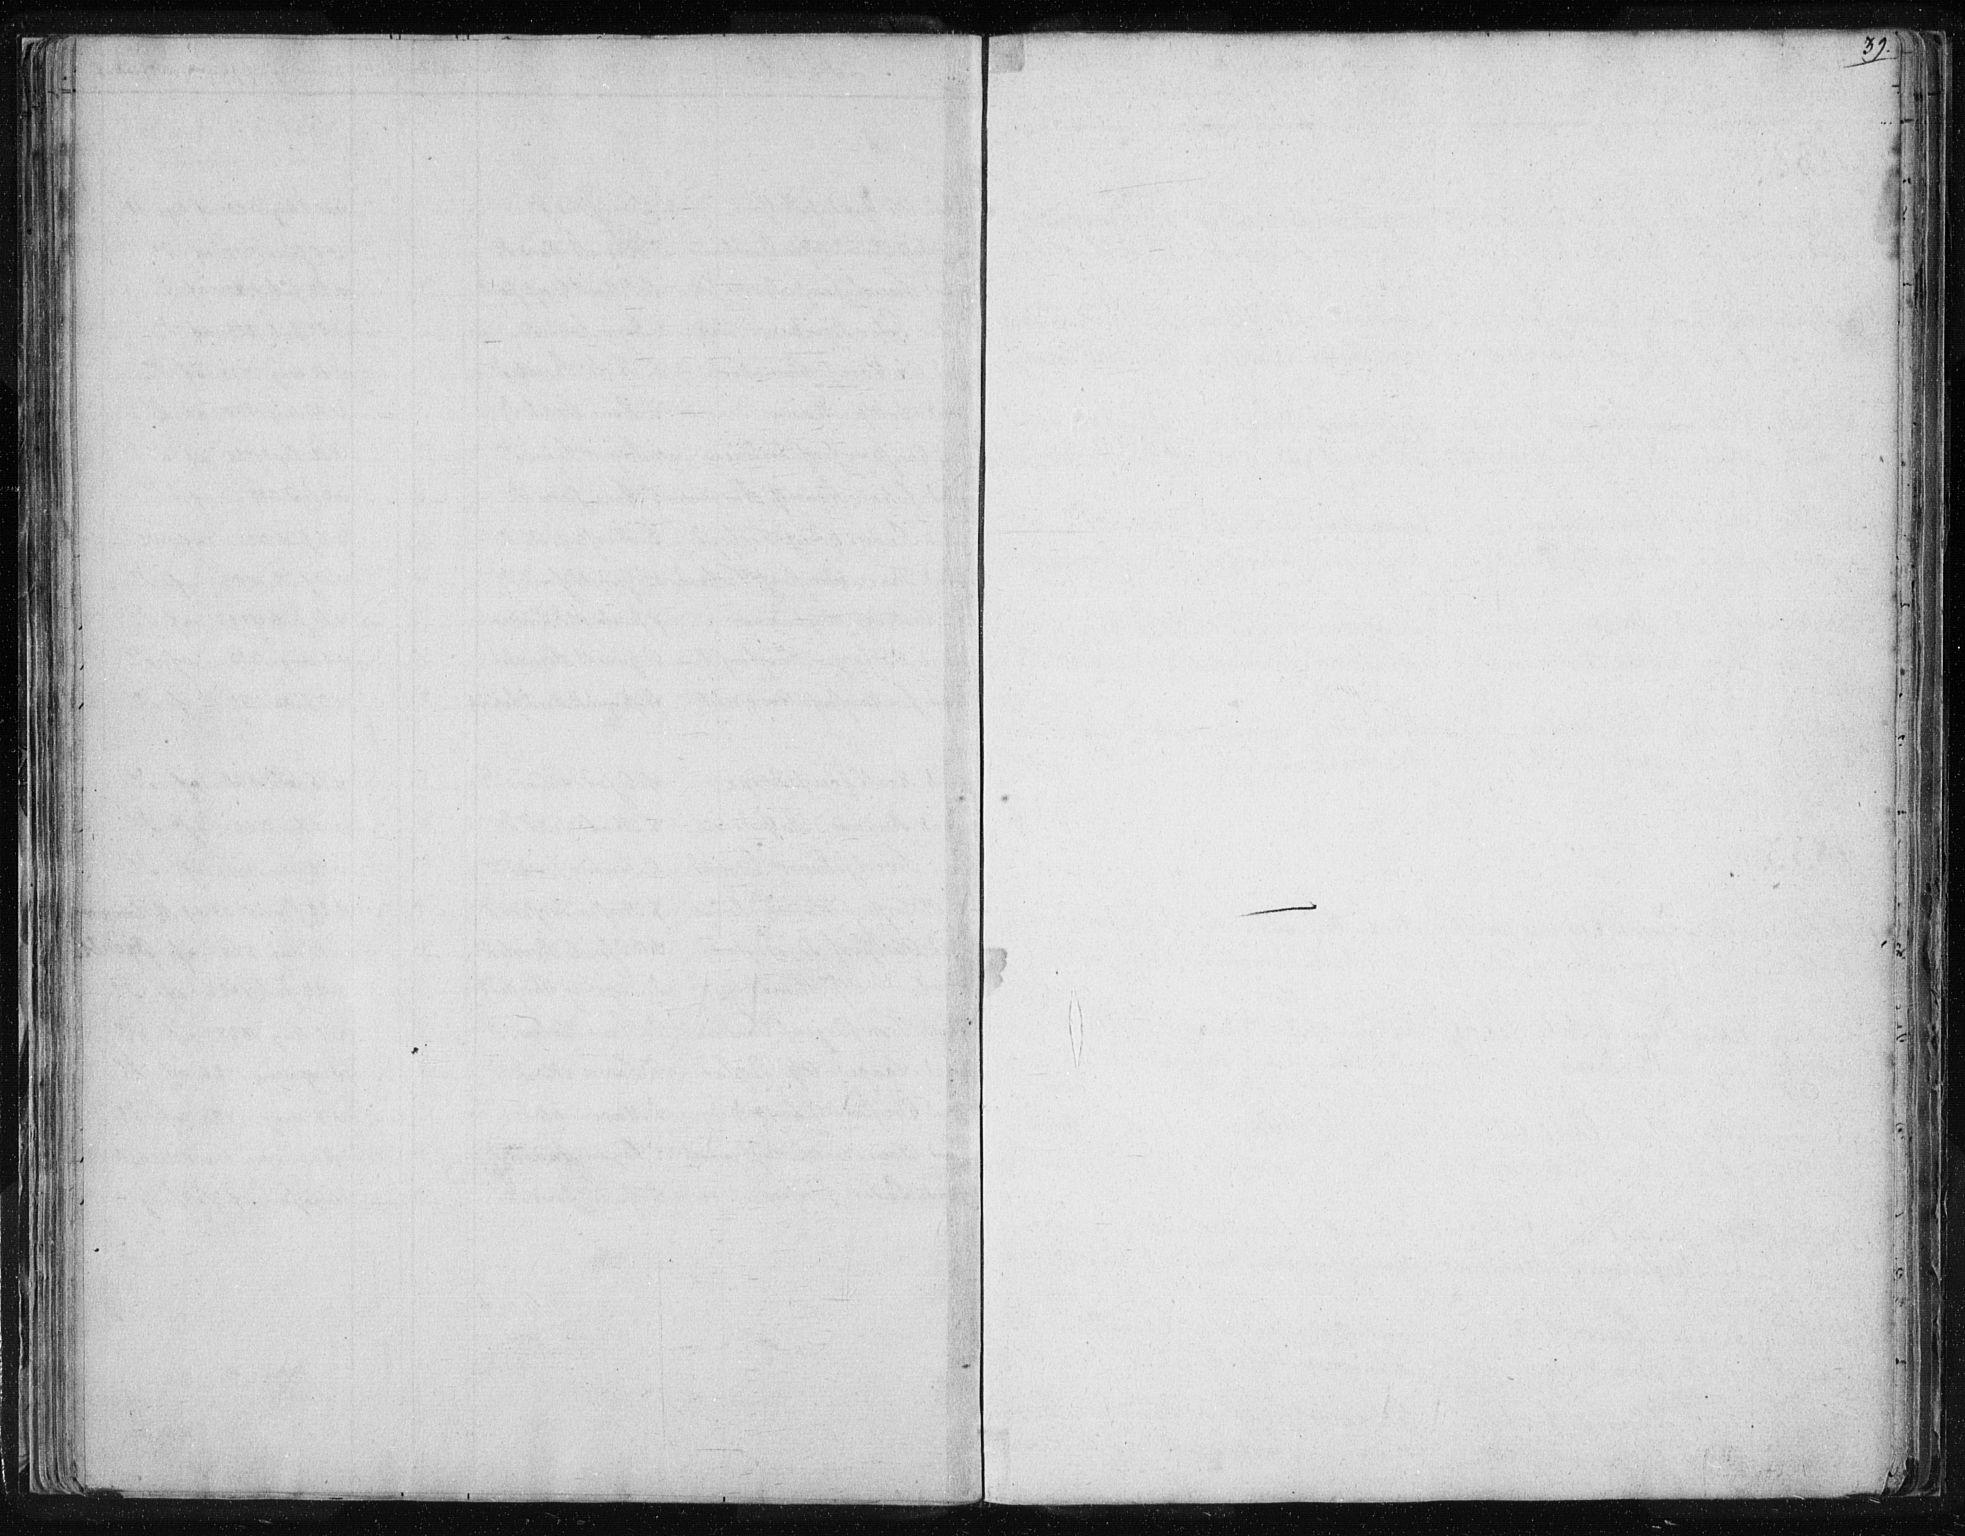 SAT, Ministerialprotokoller, klokkerbøker og fødselsregistre - Sør-Trøndelag, 616/L0405: Ministerialbok nr. 616A02, 1831-1842, s. 39